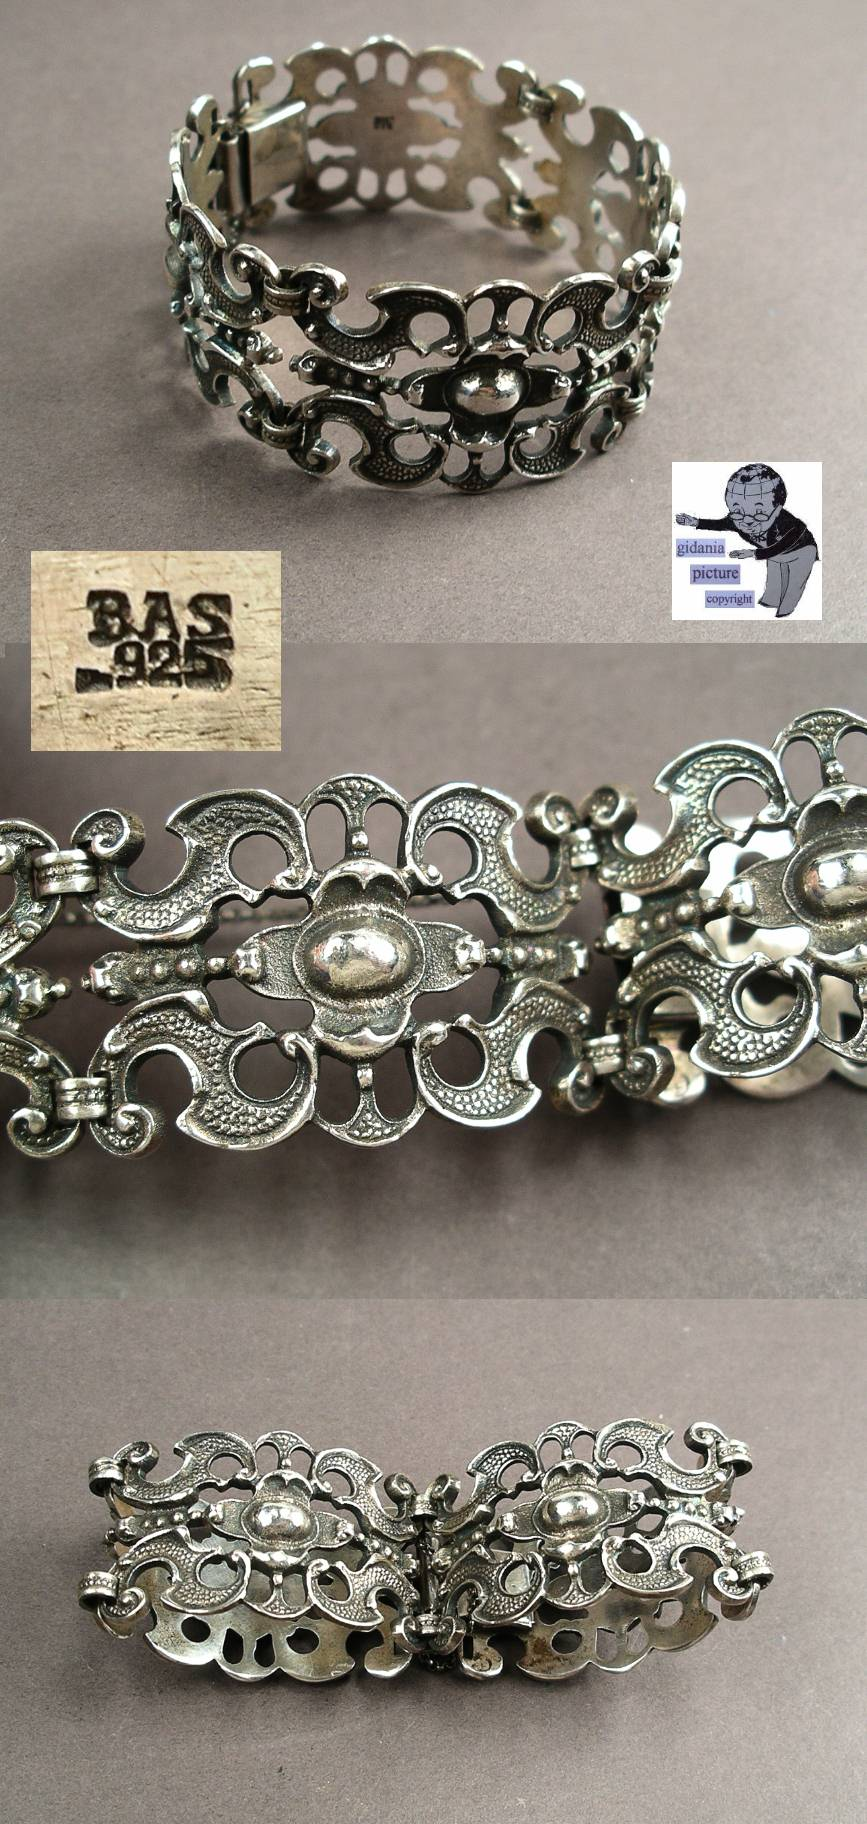 Bijoux Vintage Online : Blachian antique bijoux bas sterling argent